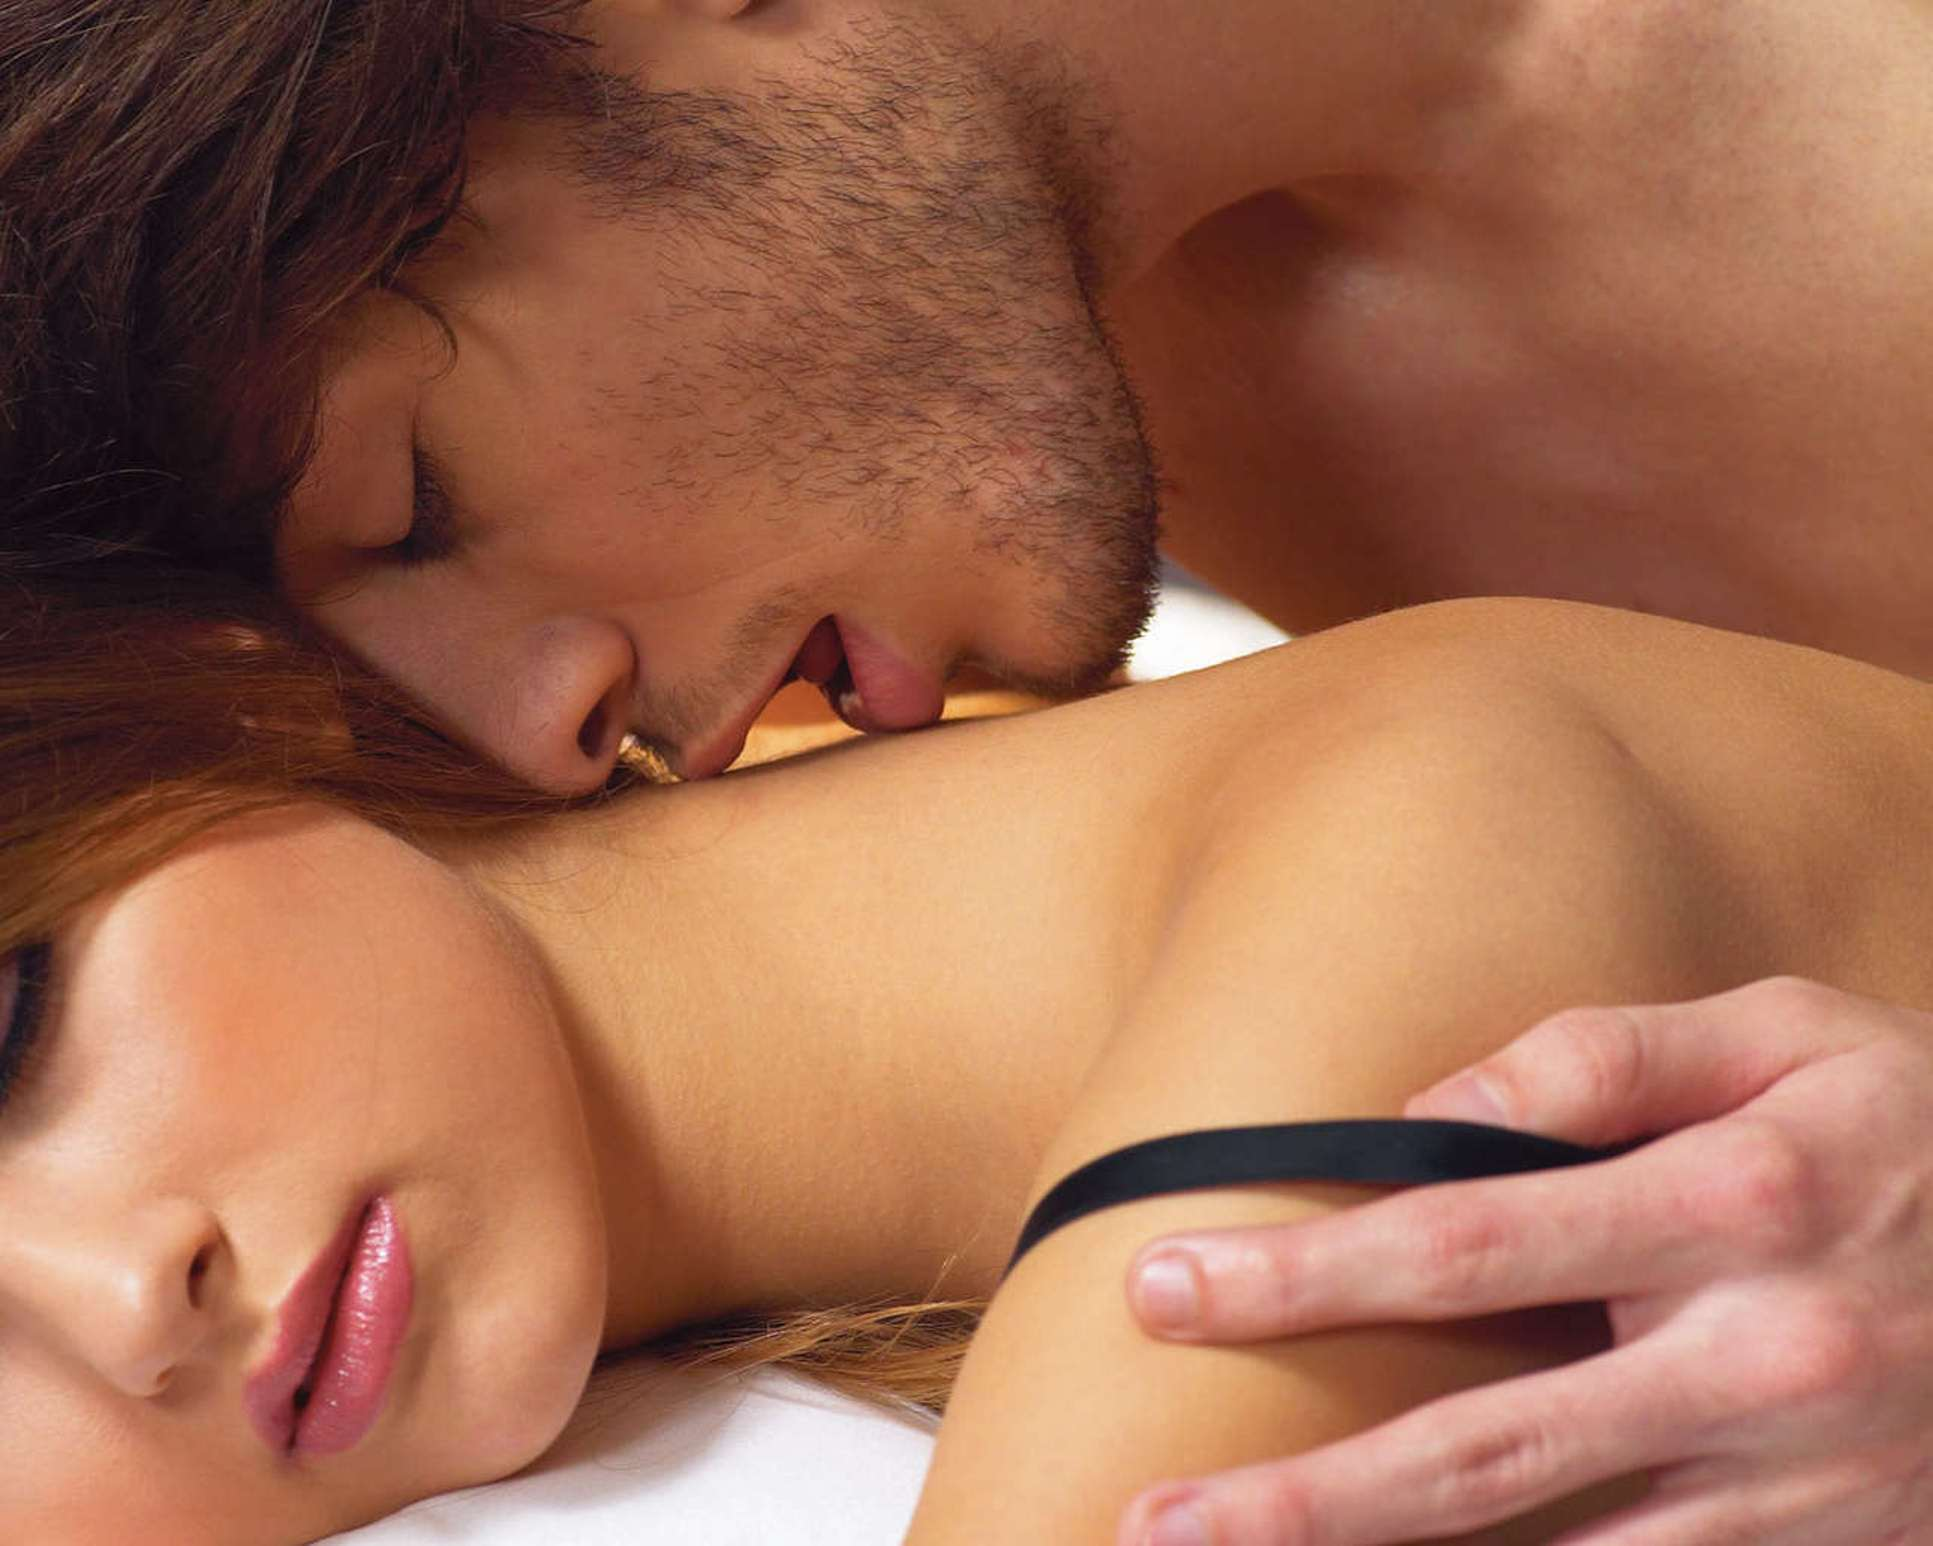 Смотреть оральный секс влюбленных 110